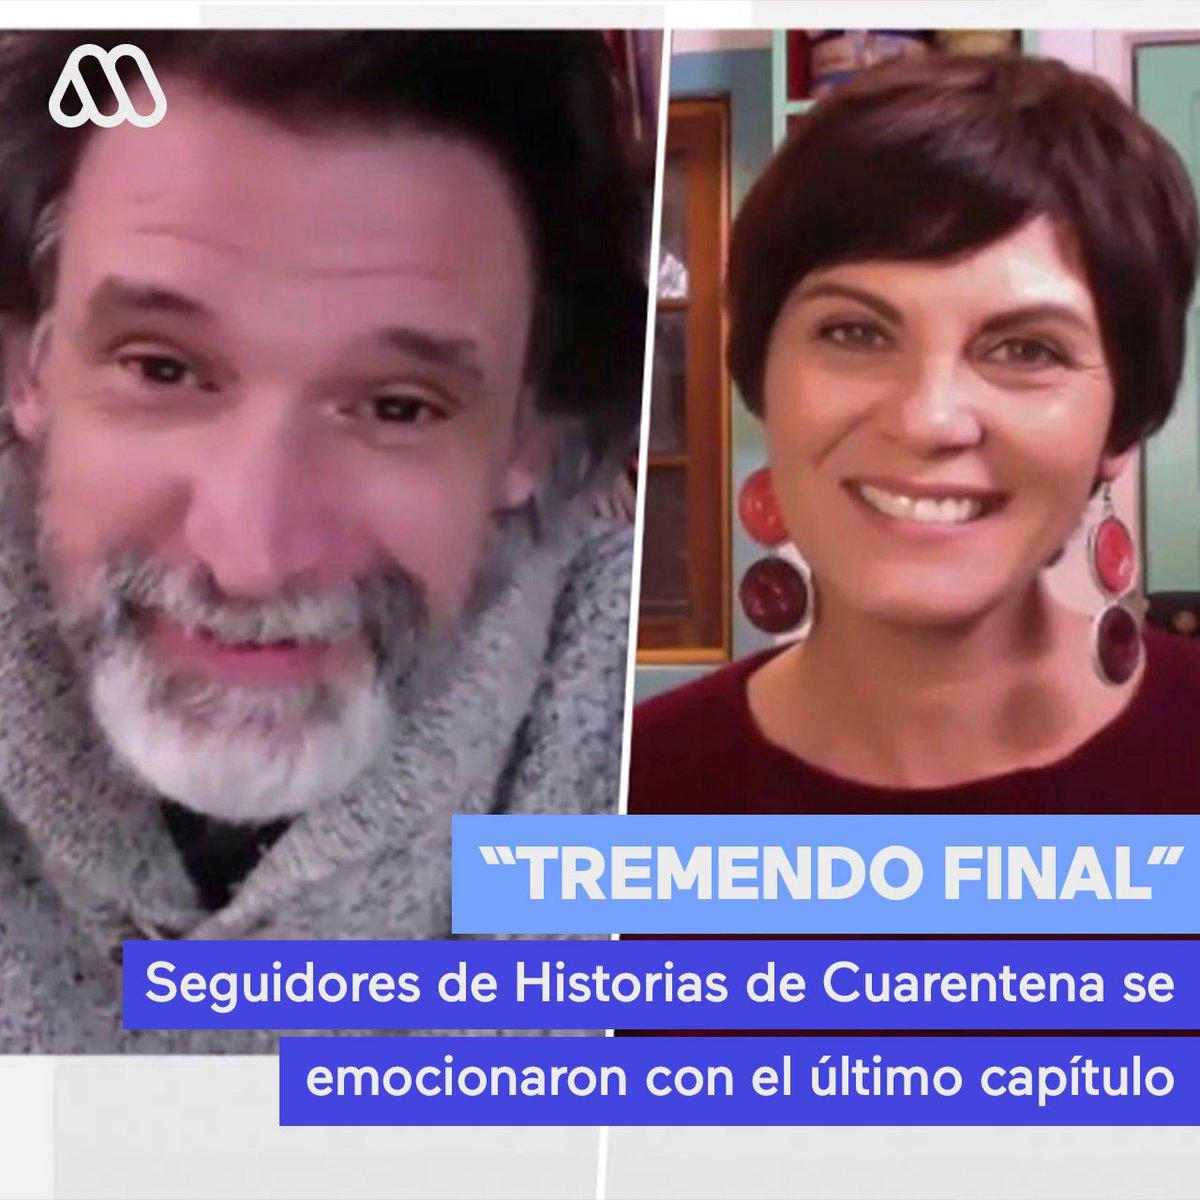 """""""Tremendo final"""": Seguidores de #HistoriasDeCuarentena se emocionaron con el último capítulo >> https://t.co/1TpldNj2eu https://t.co/0CMzgV66d4"""